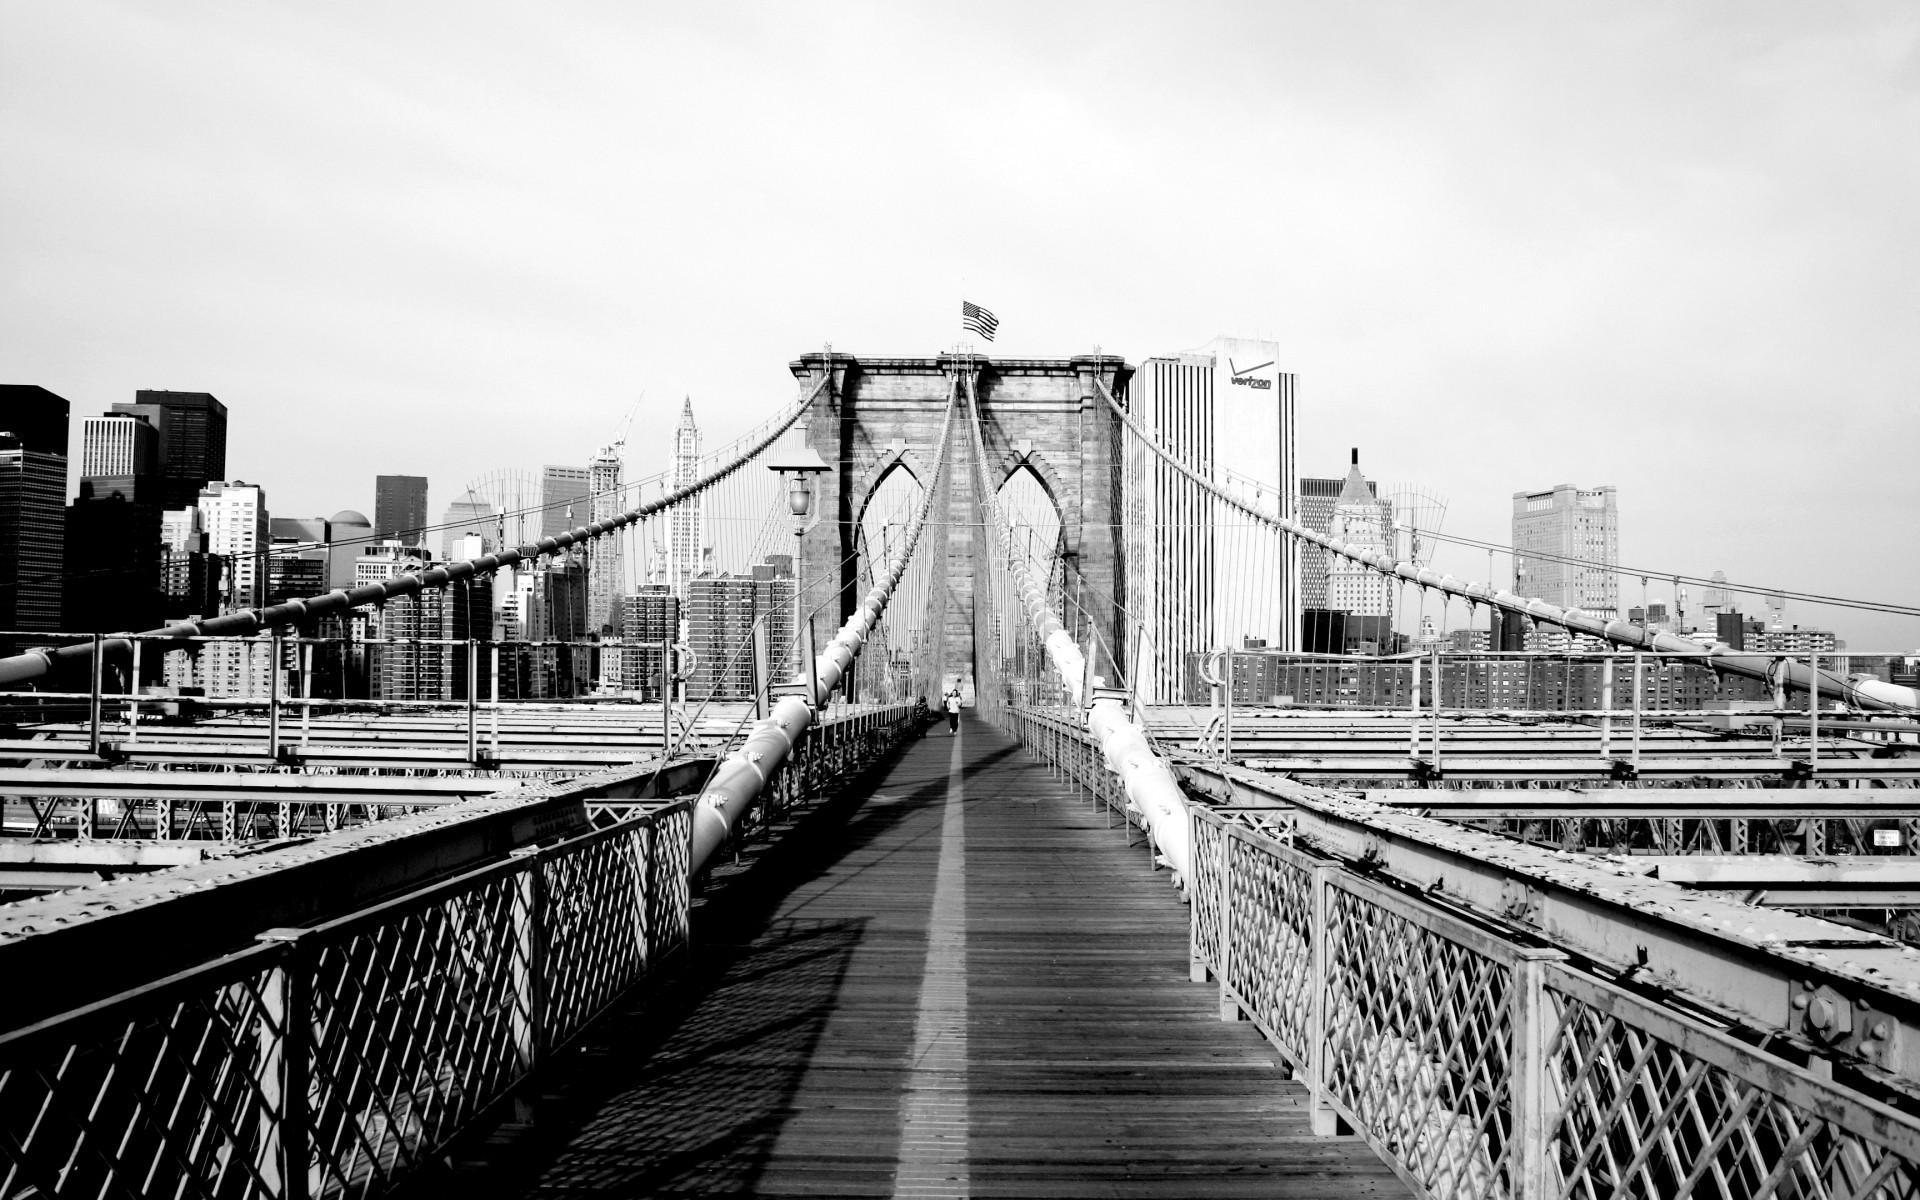 Brooklyn Bridge wallpaper 1920x1200 218644 WallpaperUP 1920x1200